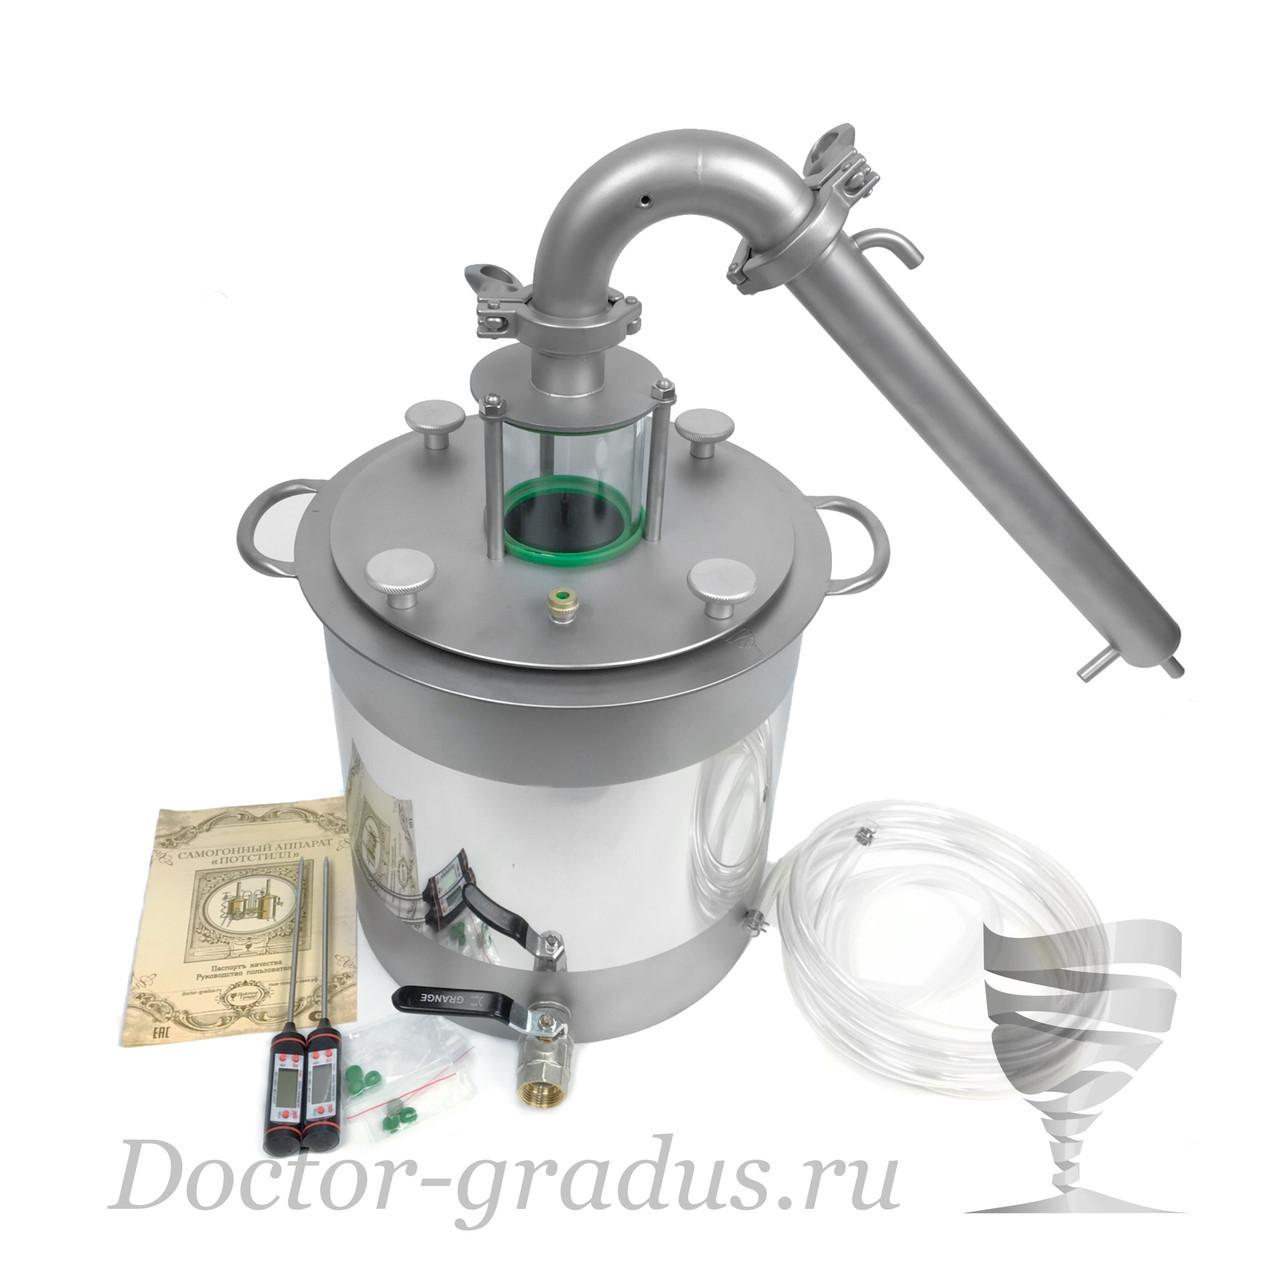 """Дистиллятор  Доктор Градус Потстилл 1,5"""" с кубом 21 литров"""